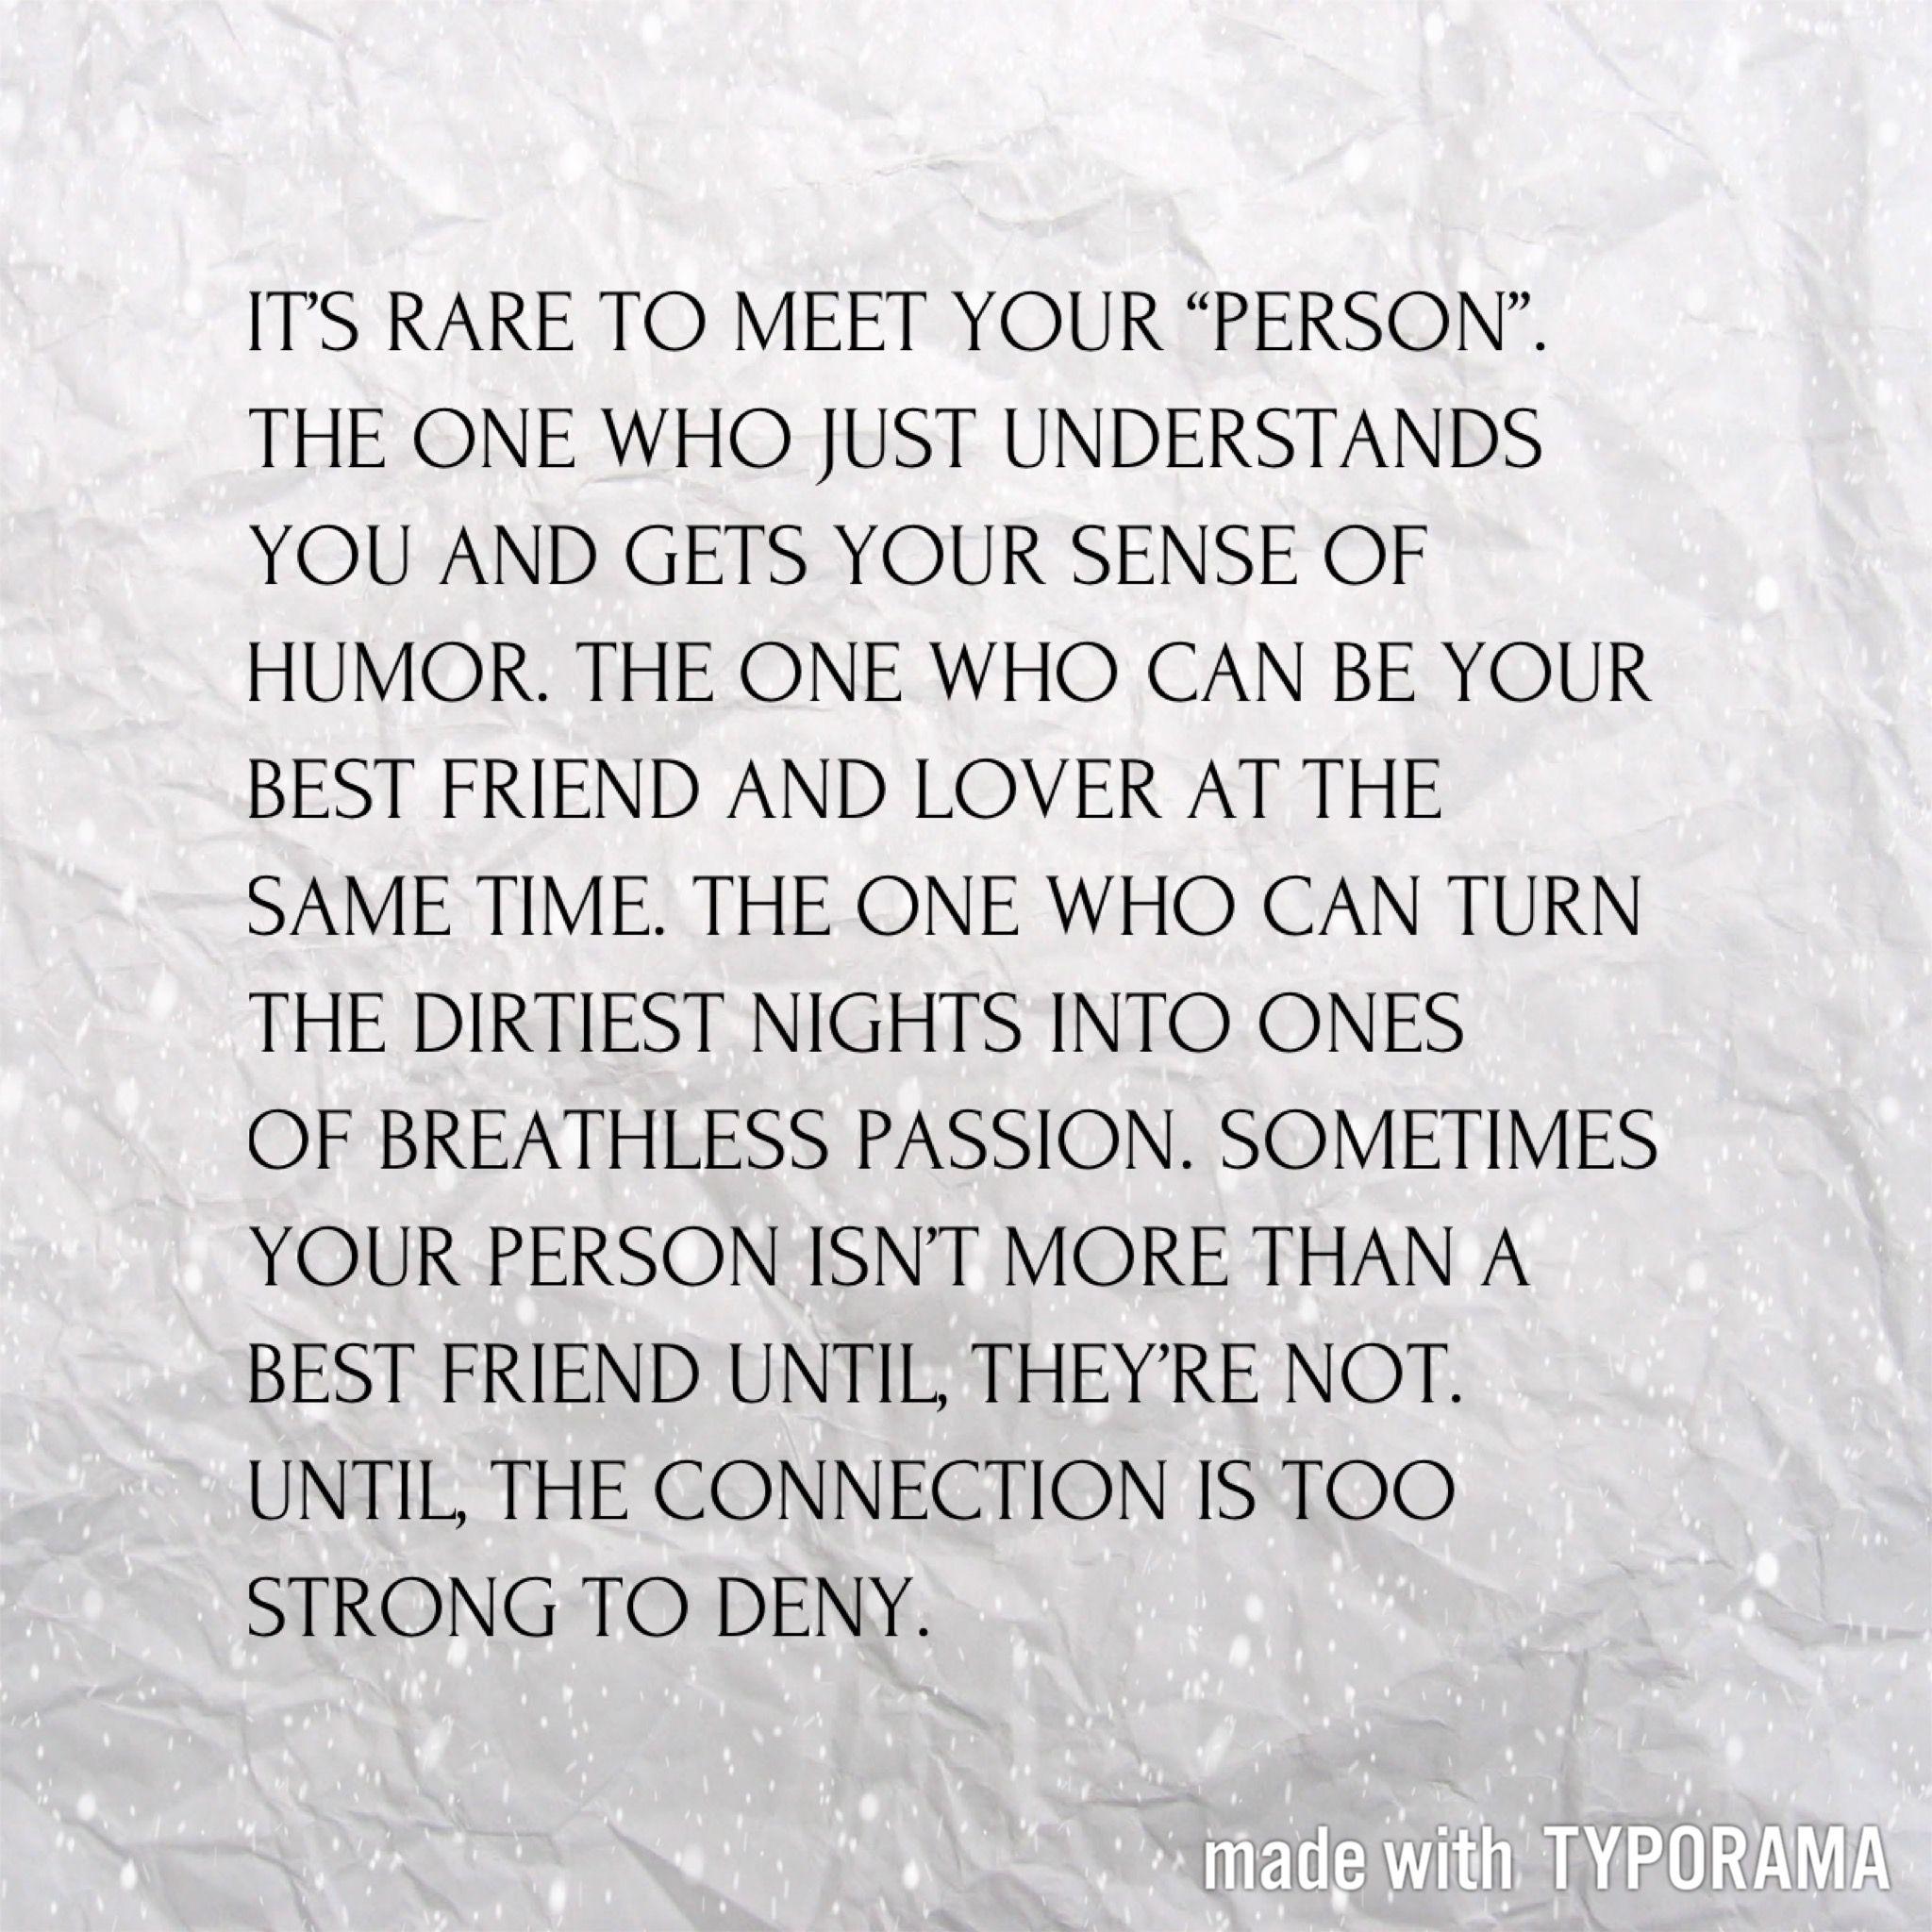 #inlove #love #soulmate #bestfriend #myperson #matchmaker